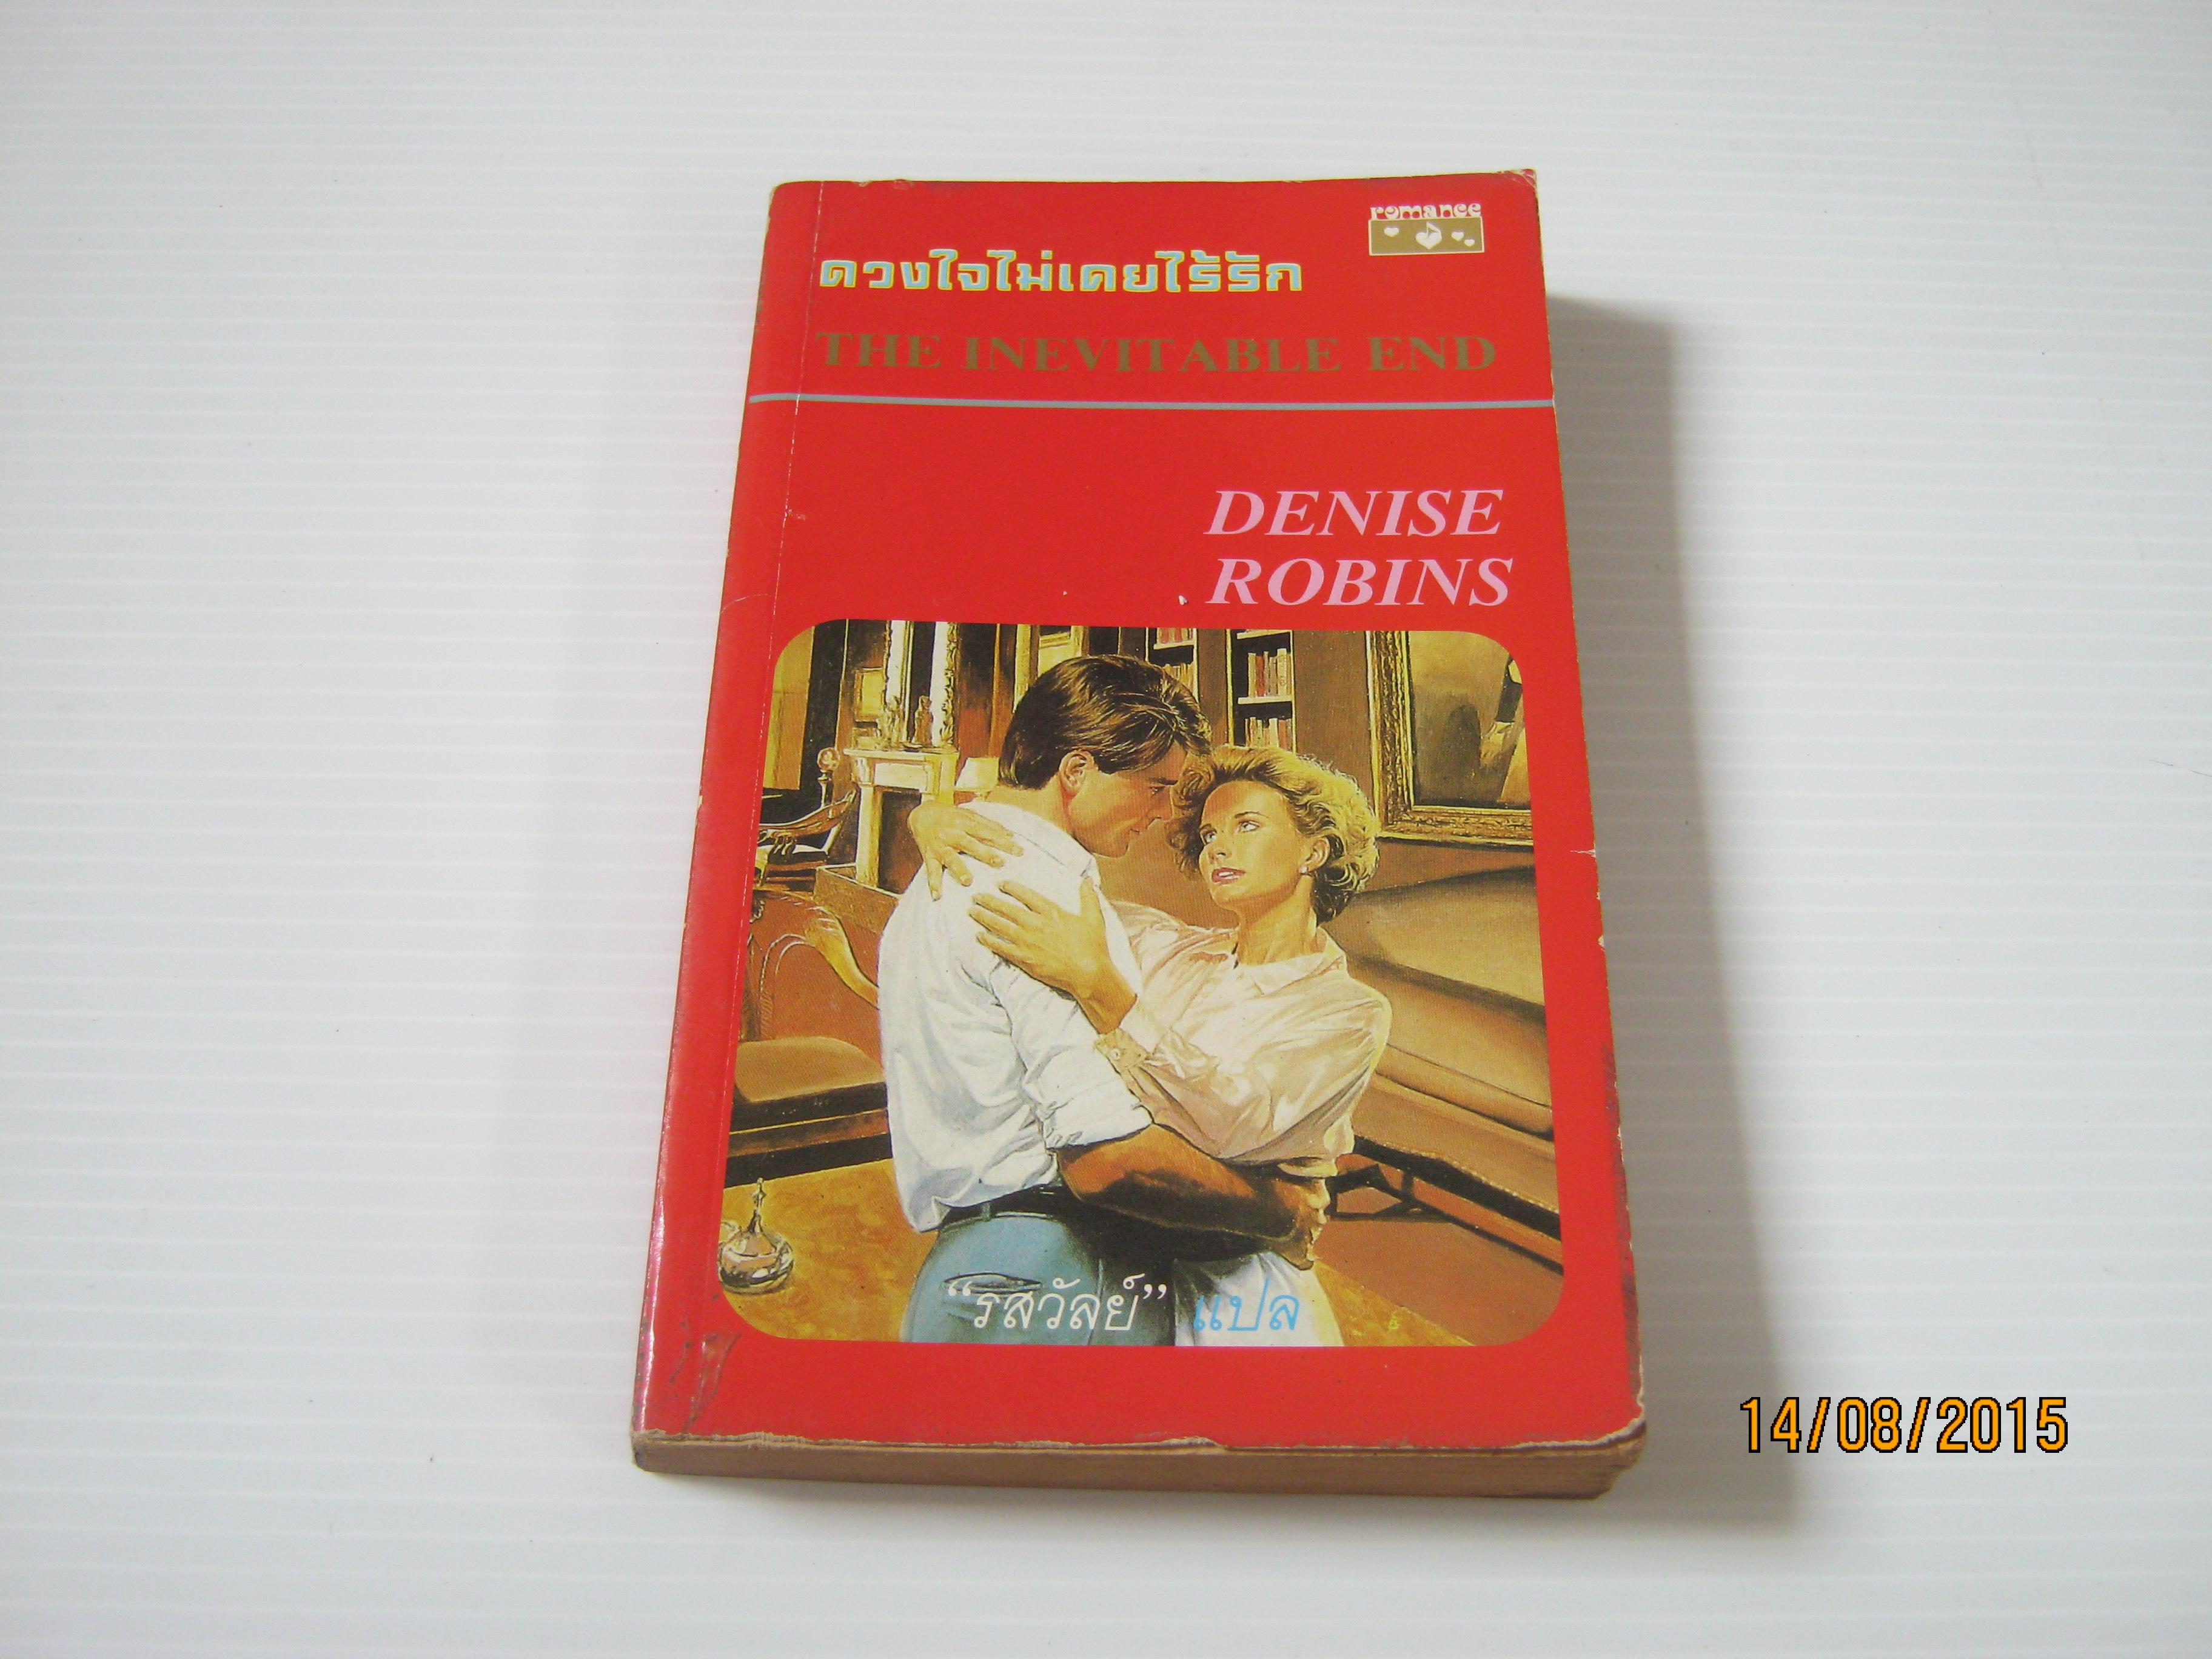 ดวงใจไม่เคยไร้รัก (The Inevitable End) Denise Robins เขียน รสวัลย์ แปล